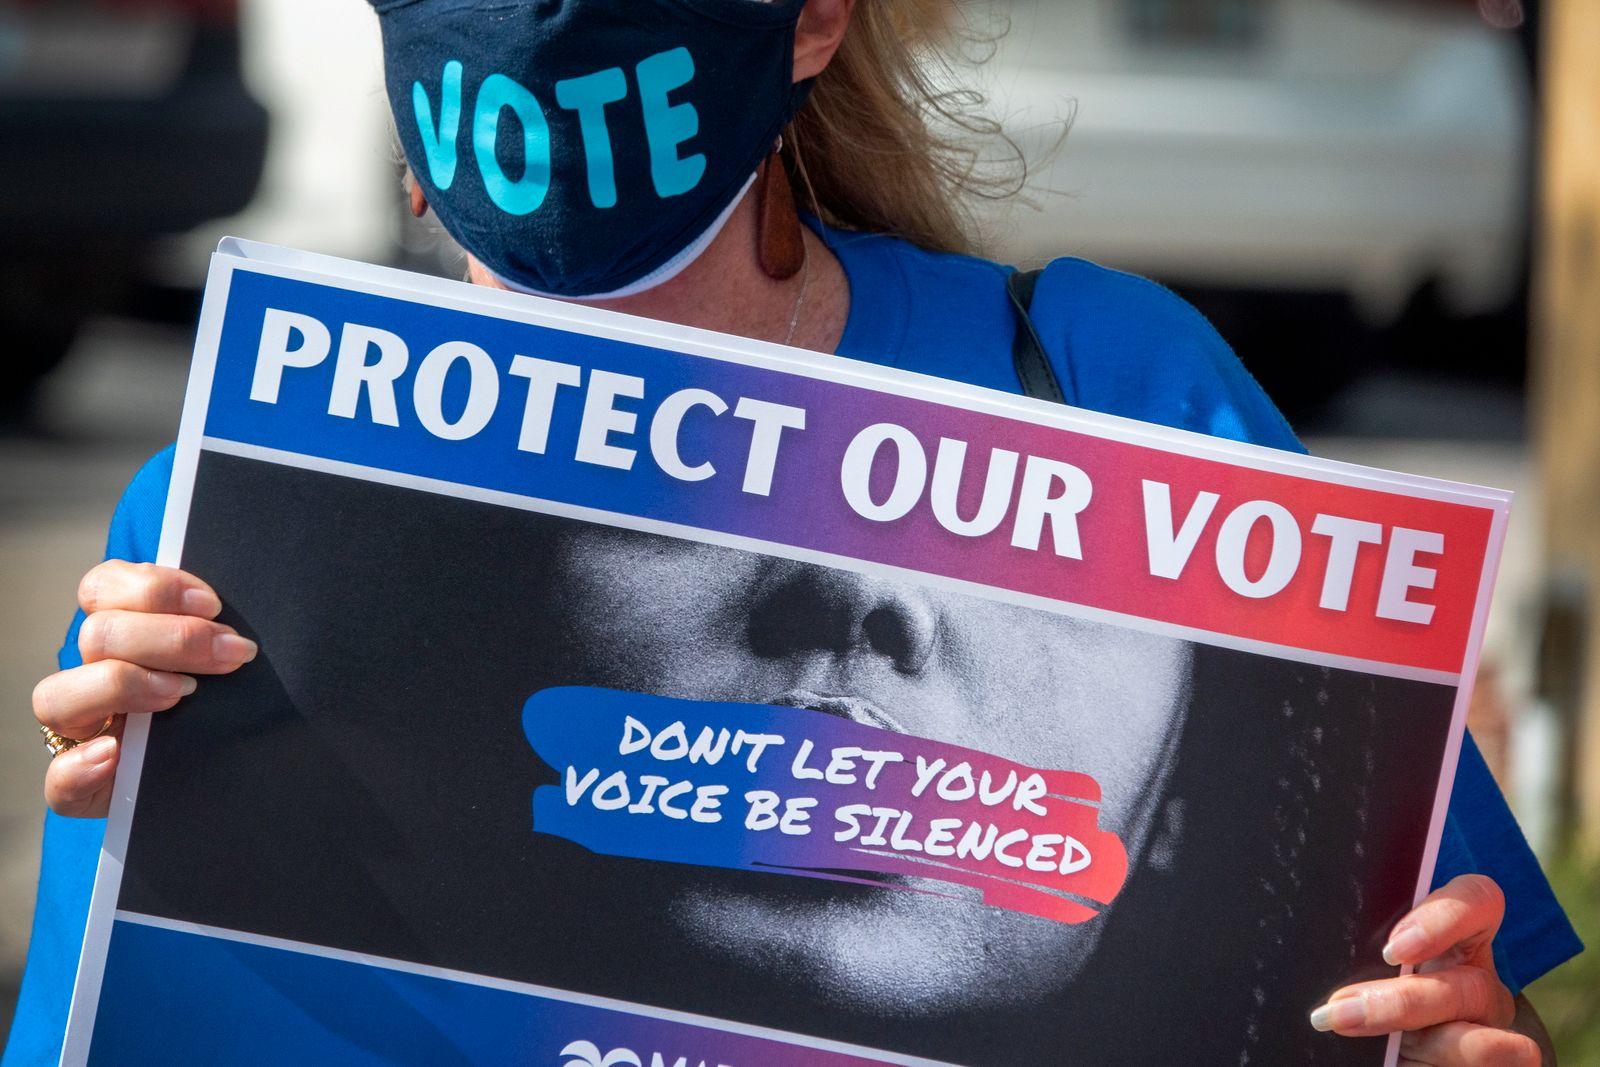 Voting Rights March in Miamo, Florida